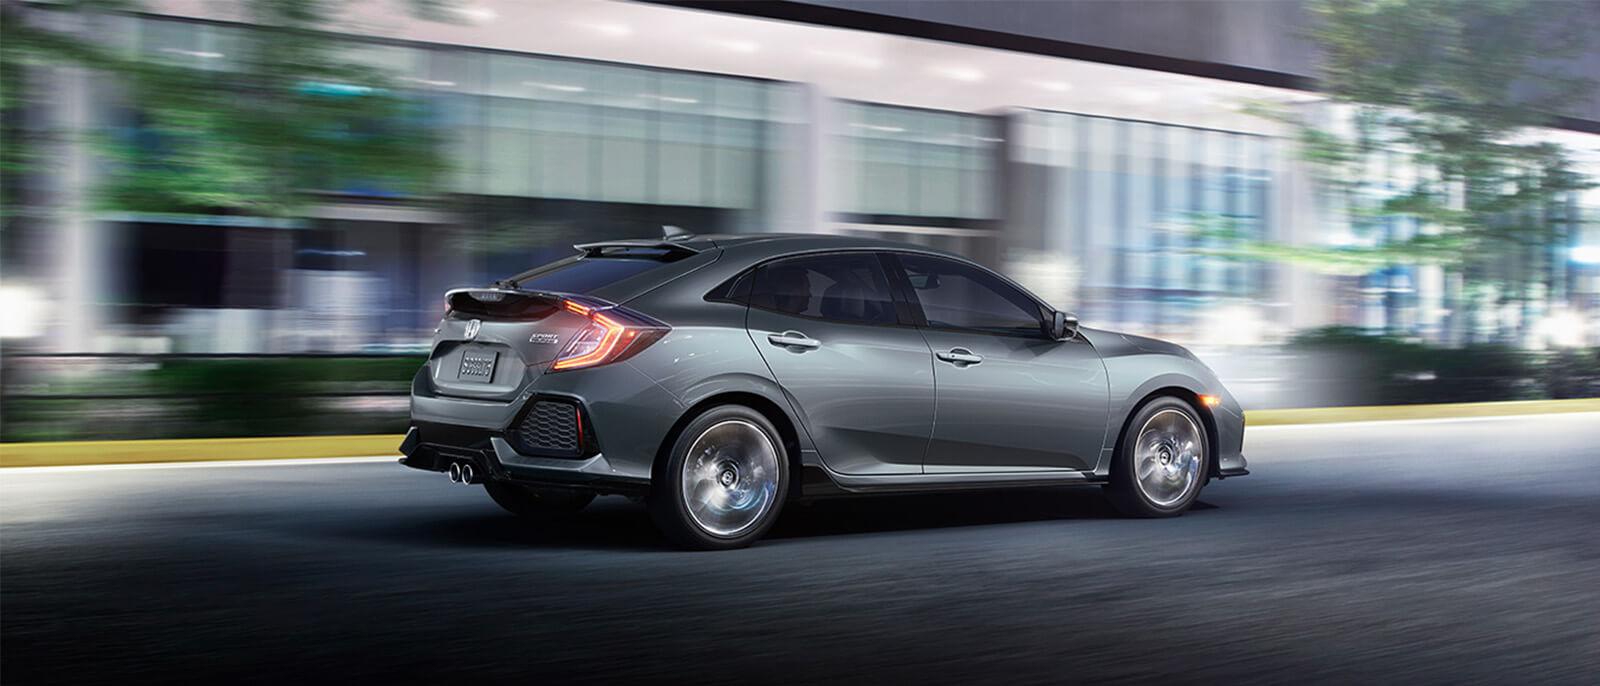 2017-Honda-Civic-Hatchback-Slide1